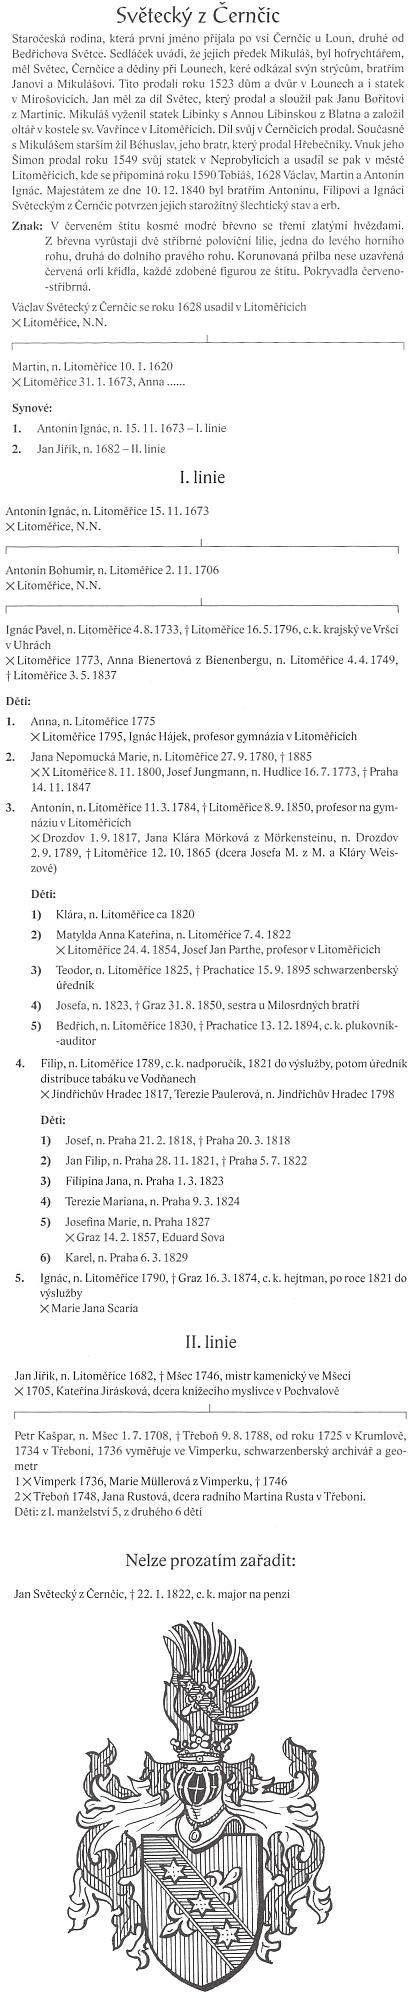 """Tyto stránky v almanachu české šlechty svědčí spíše o bezradnosti ohledně členů rodu """"z Bedřichova Světce"""""""